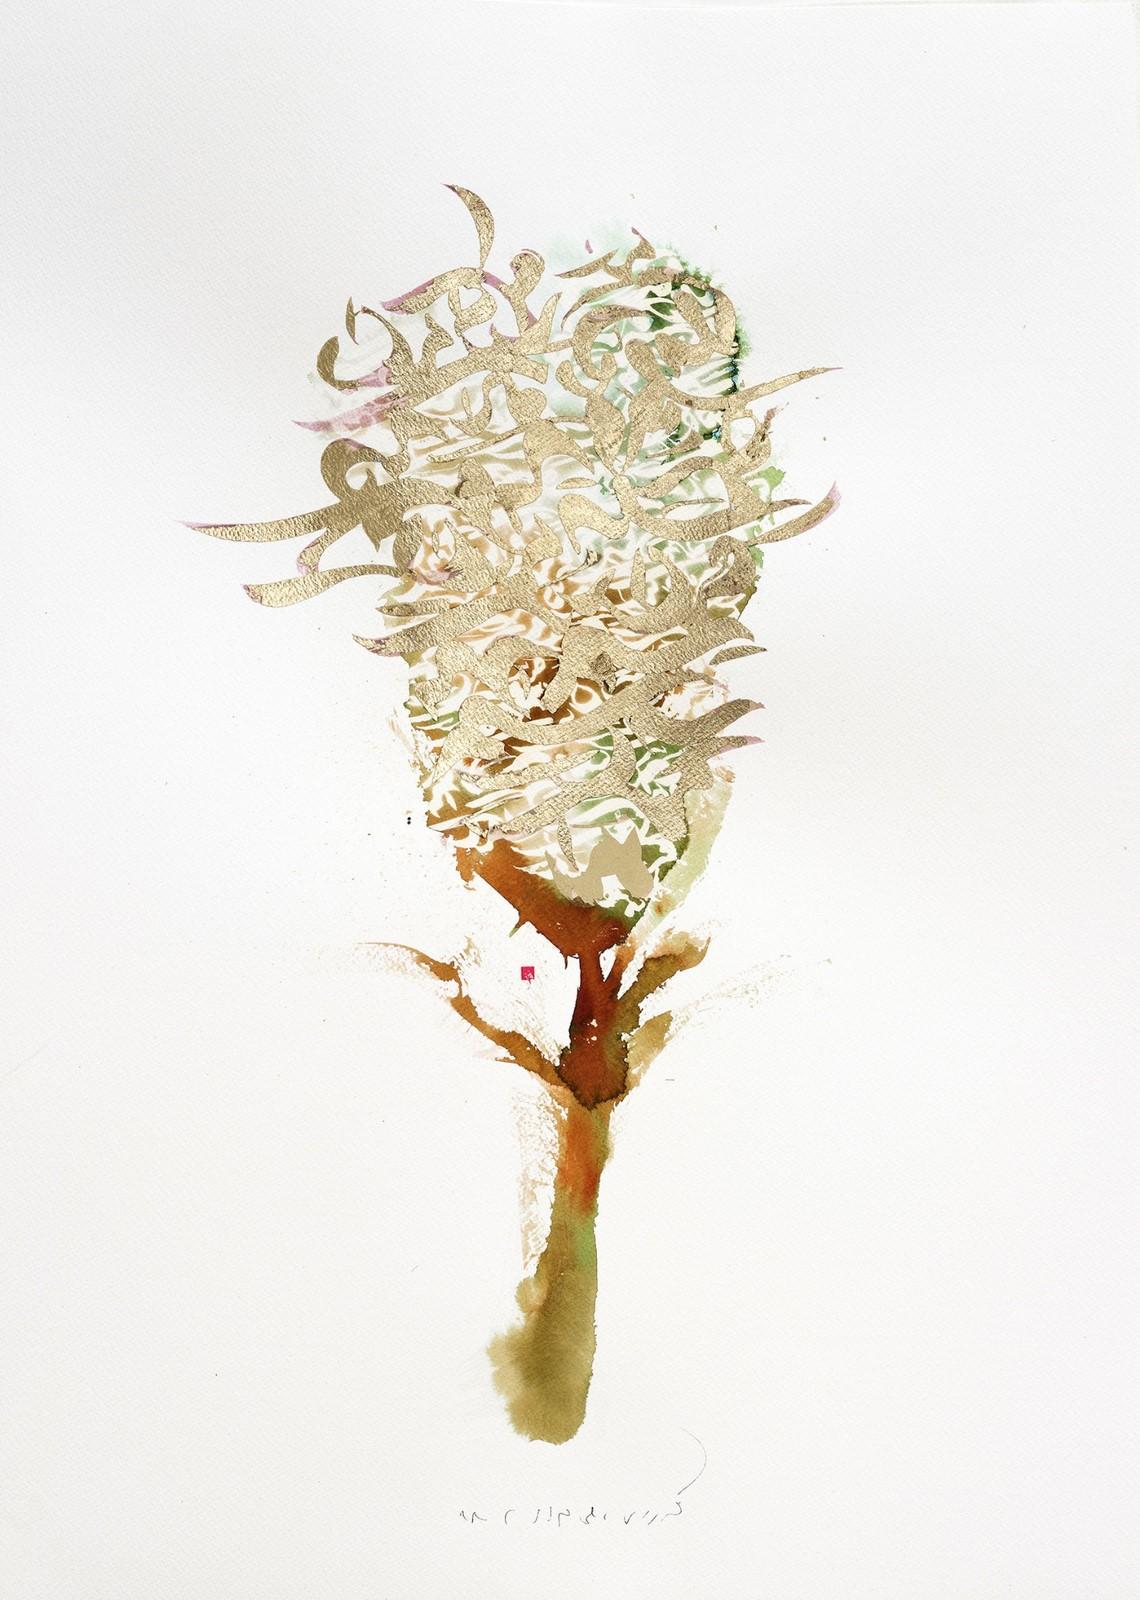 """<p>""""Kökler ve Ağaçlar Koleksiyonu"""", Karton üzerine Mürekkep ve Akrilik, 50 x 70 cm, 2019.<br /><em>""""Roots and Trees Collection"""", Ink and Acrylic on Cardboard, 50 x 70 cm, 2019.</em></p><p></p>"""